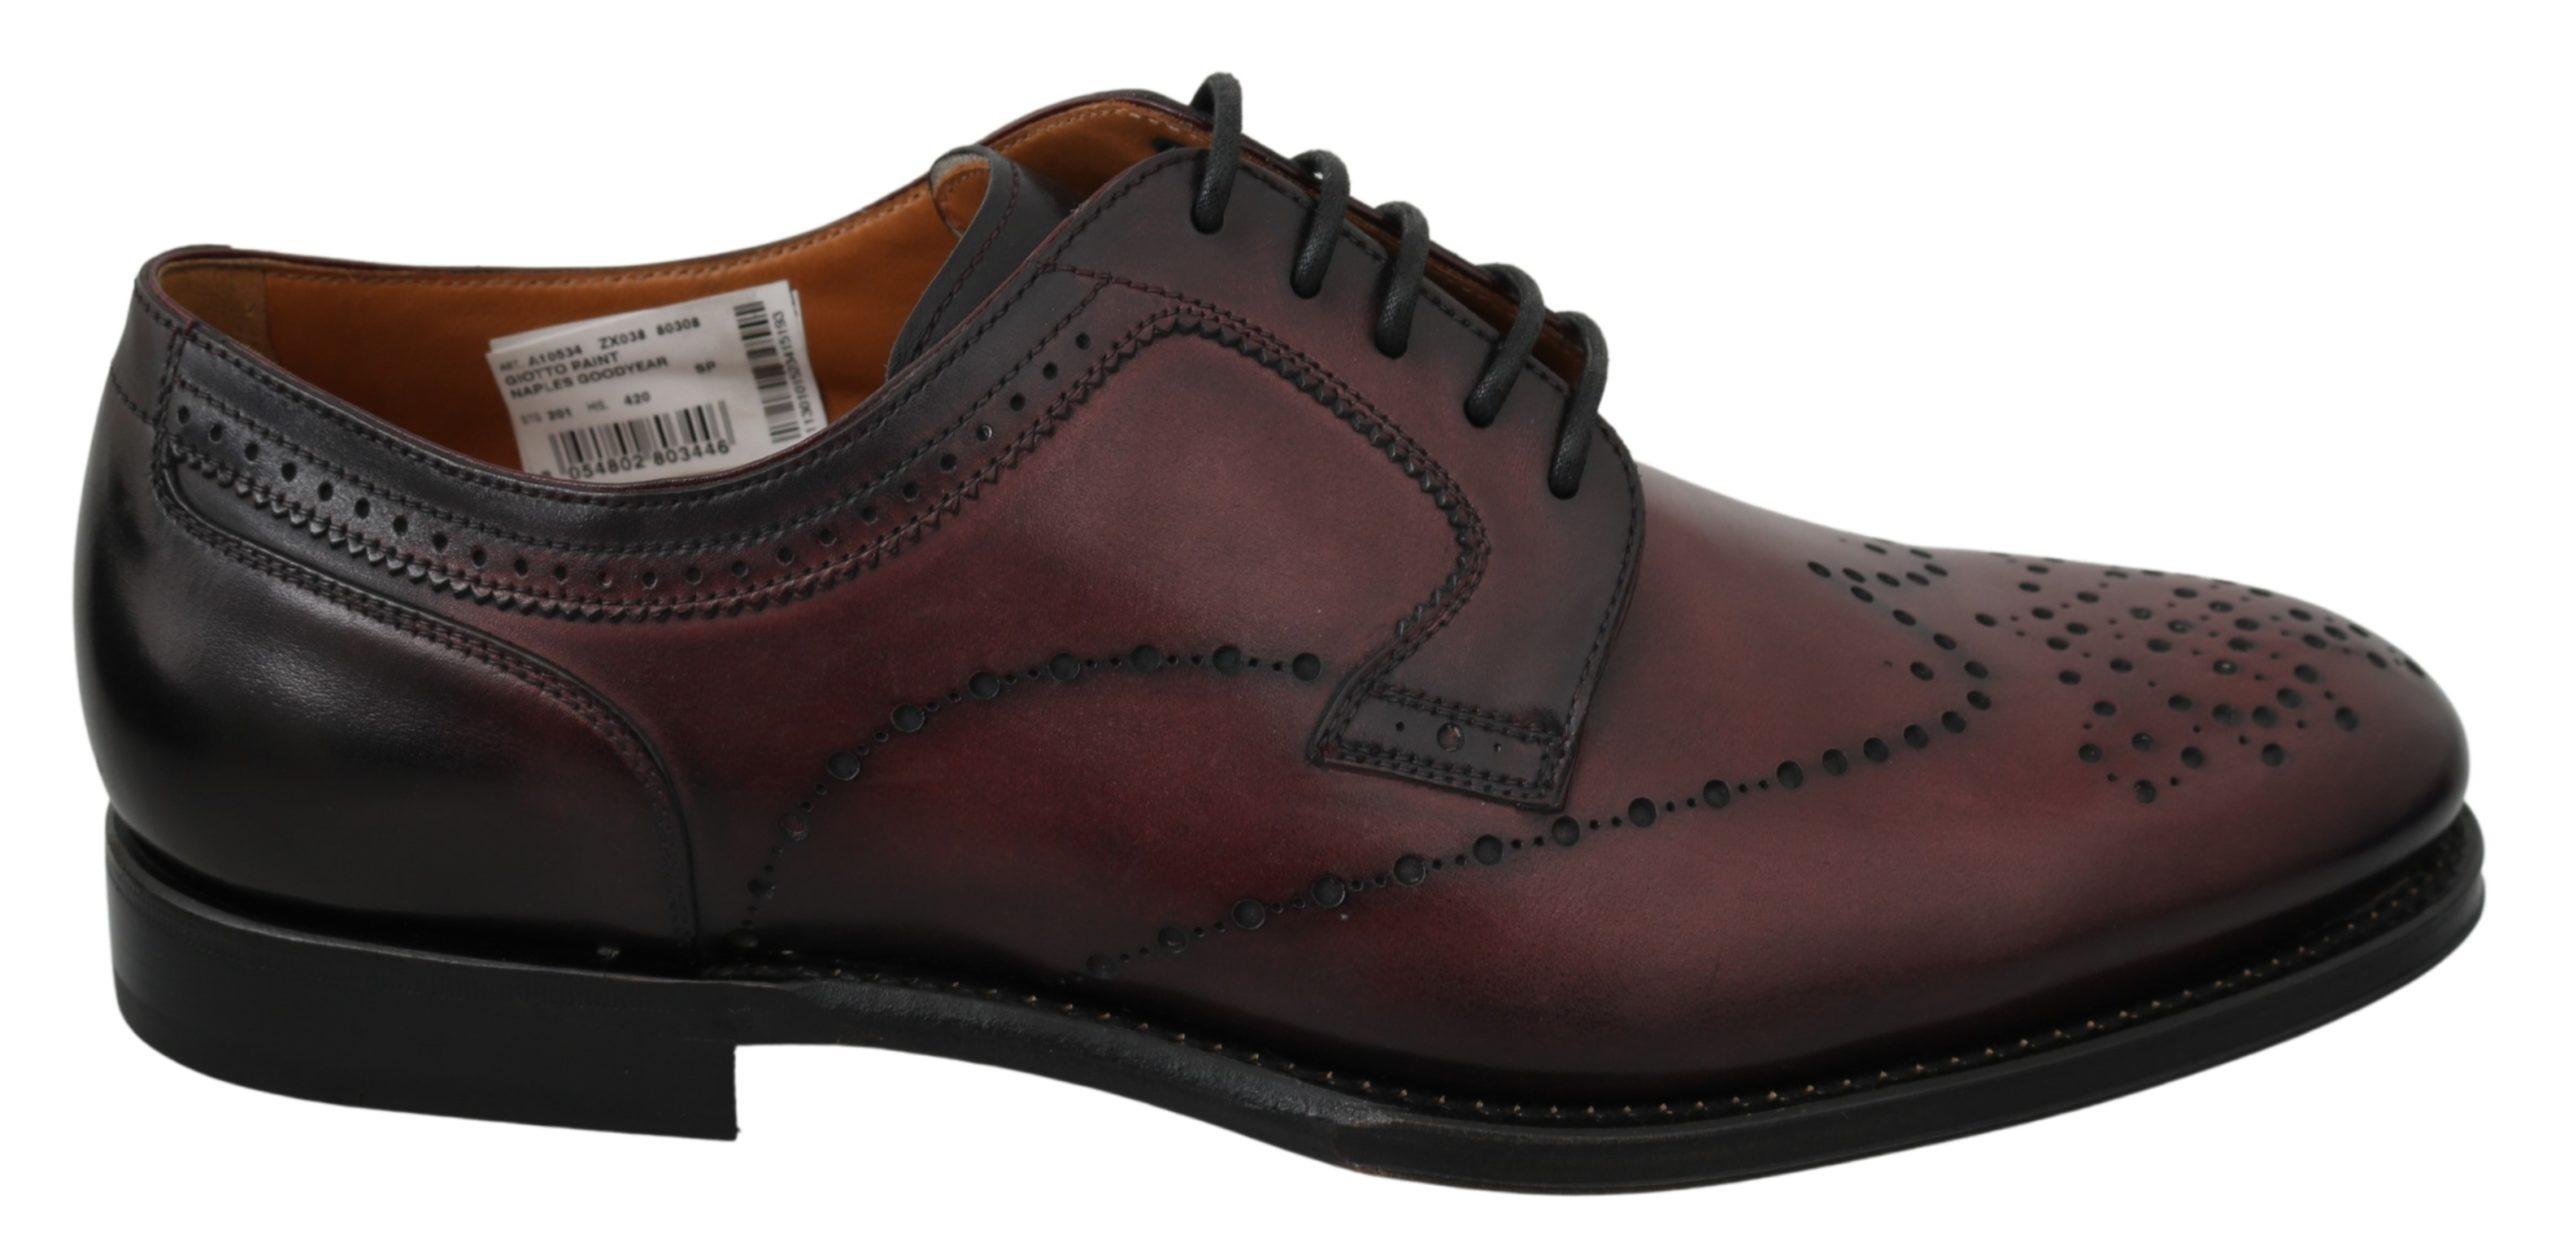 Dolce & Gabbana Men's Leather Formal Brogue Shoe Bordeaux MV2880 - EU42/US9